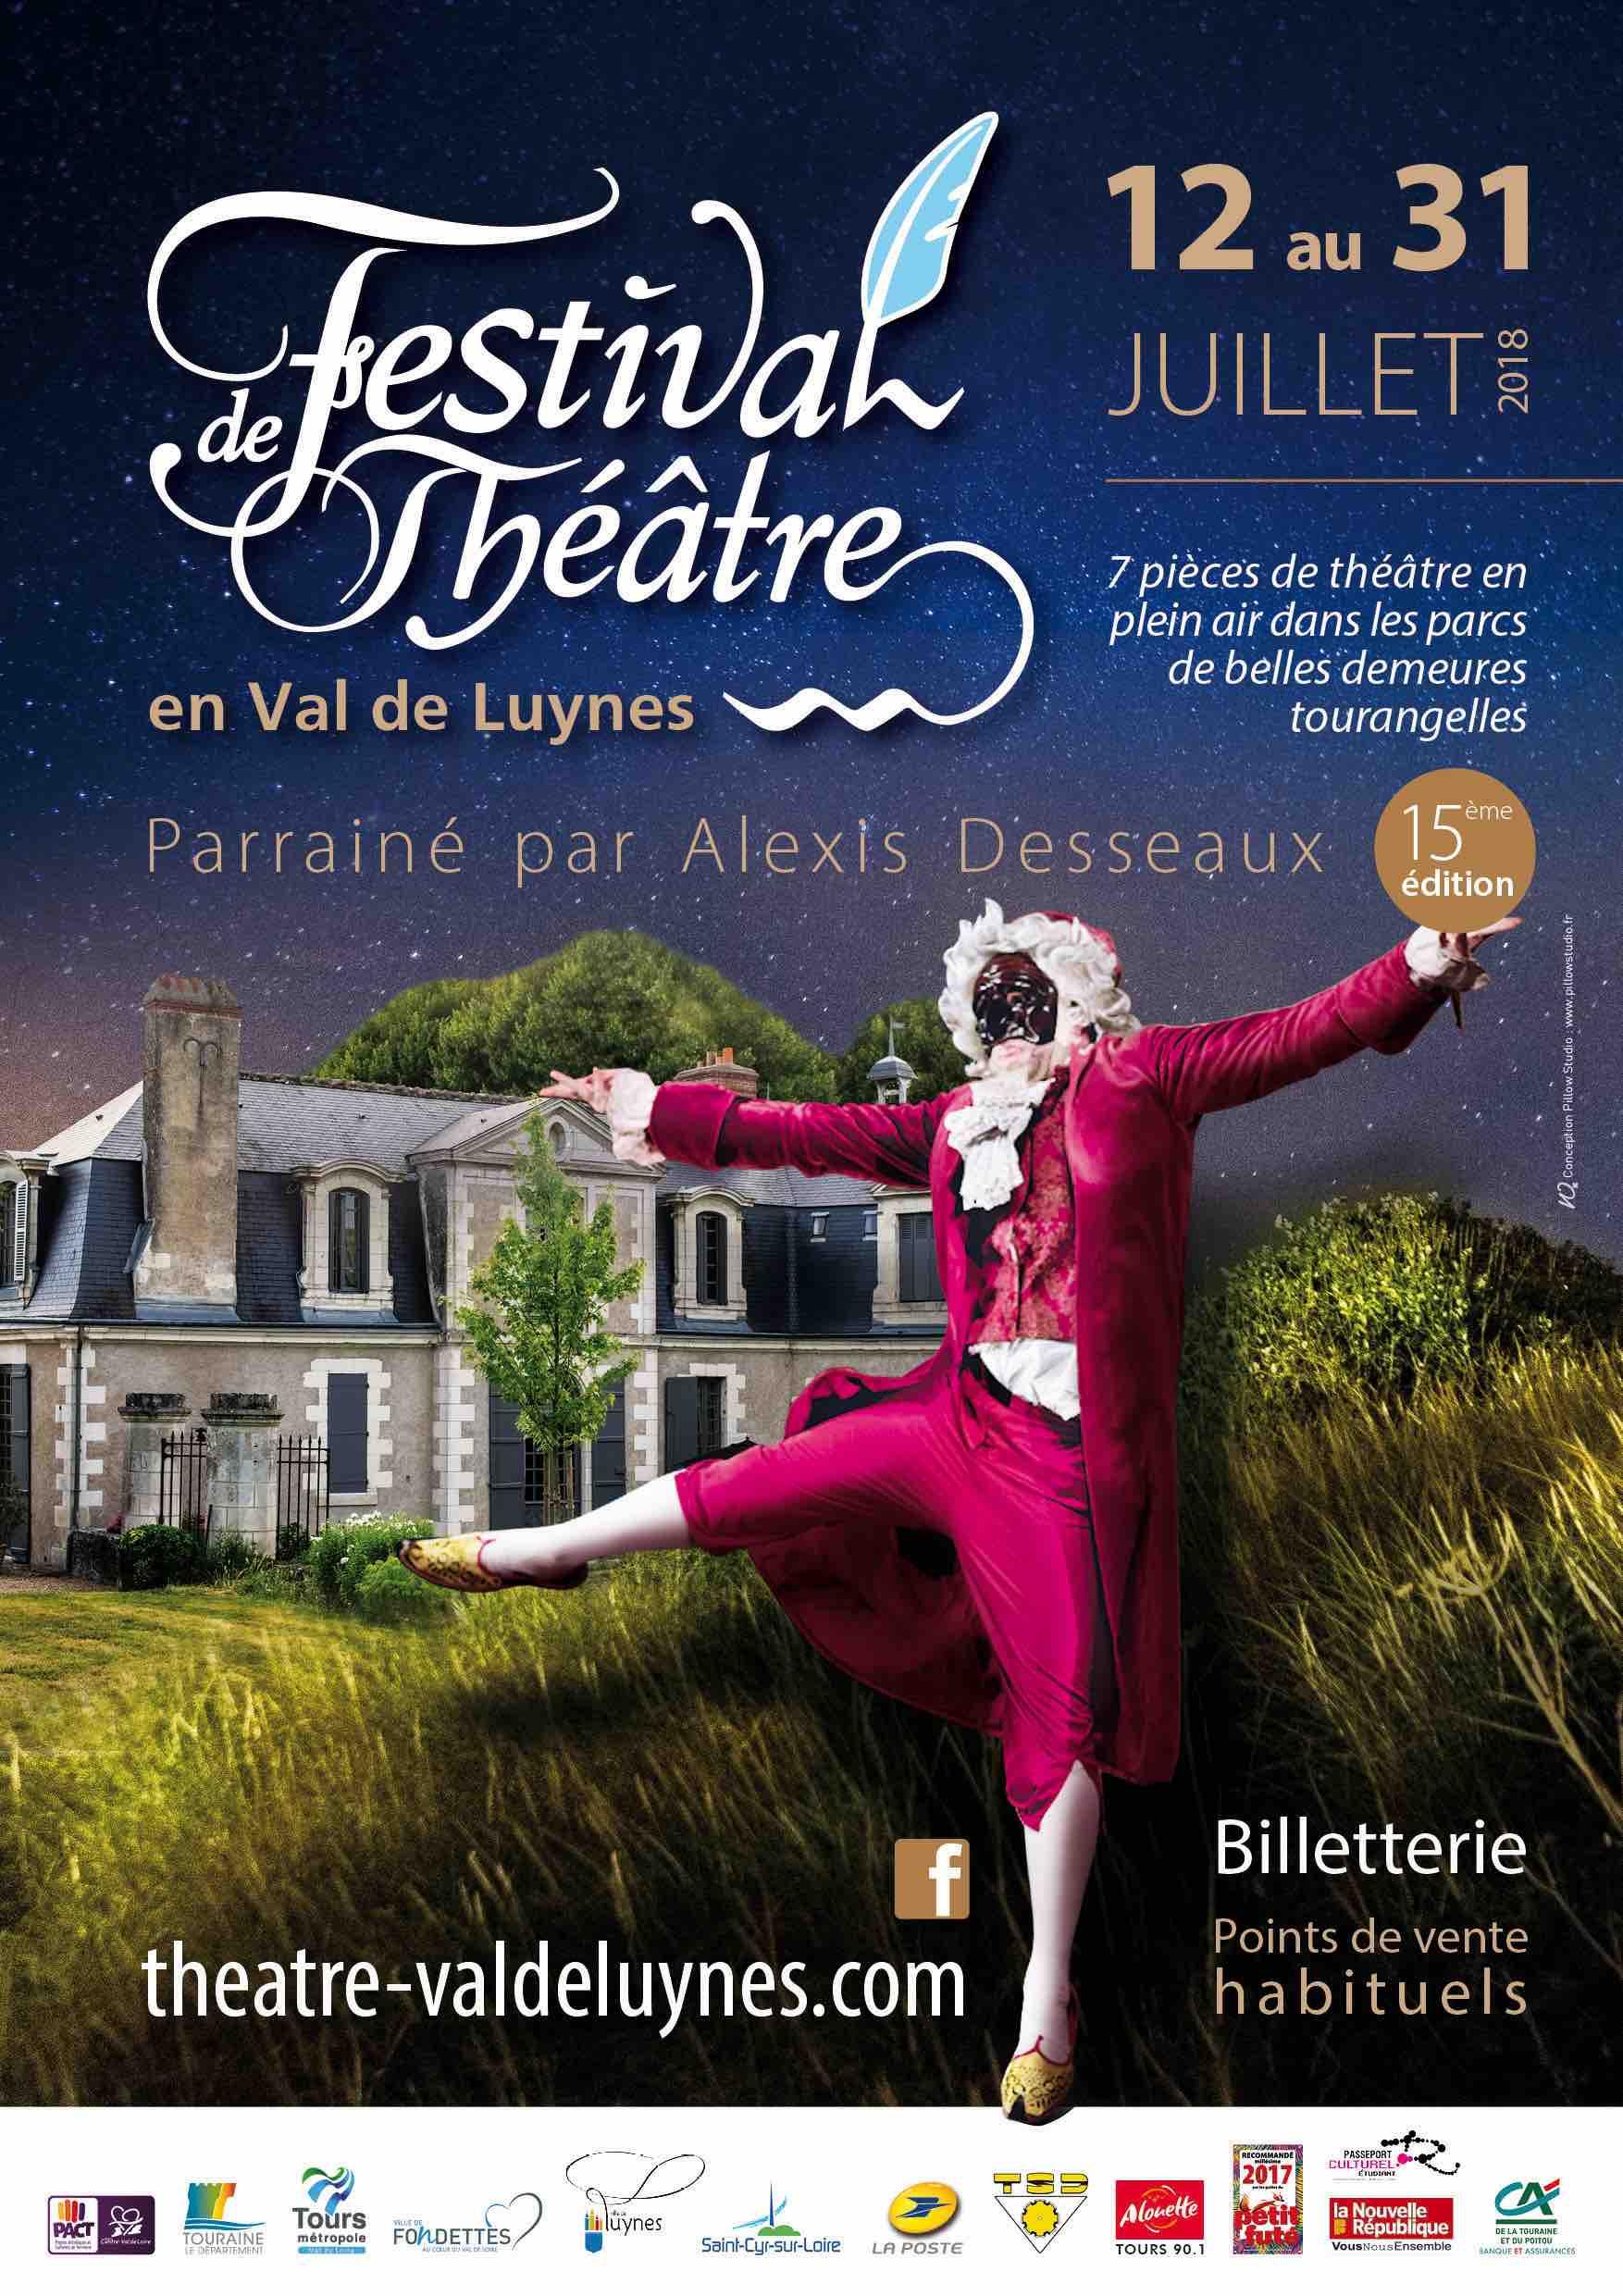 Festival de théâtre en Val de Luynes 2019